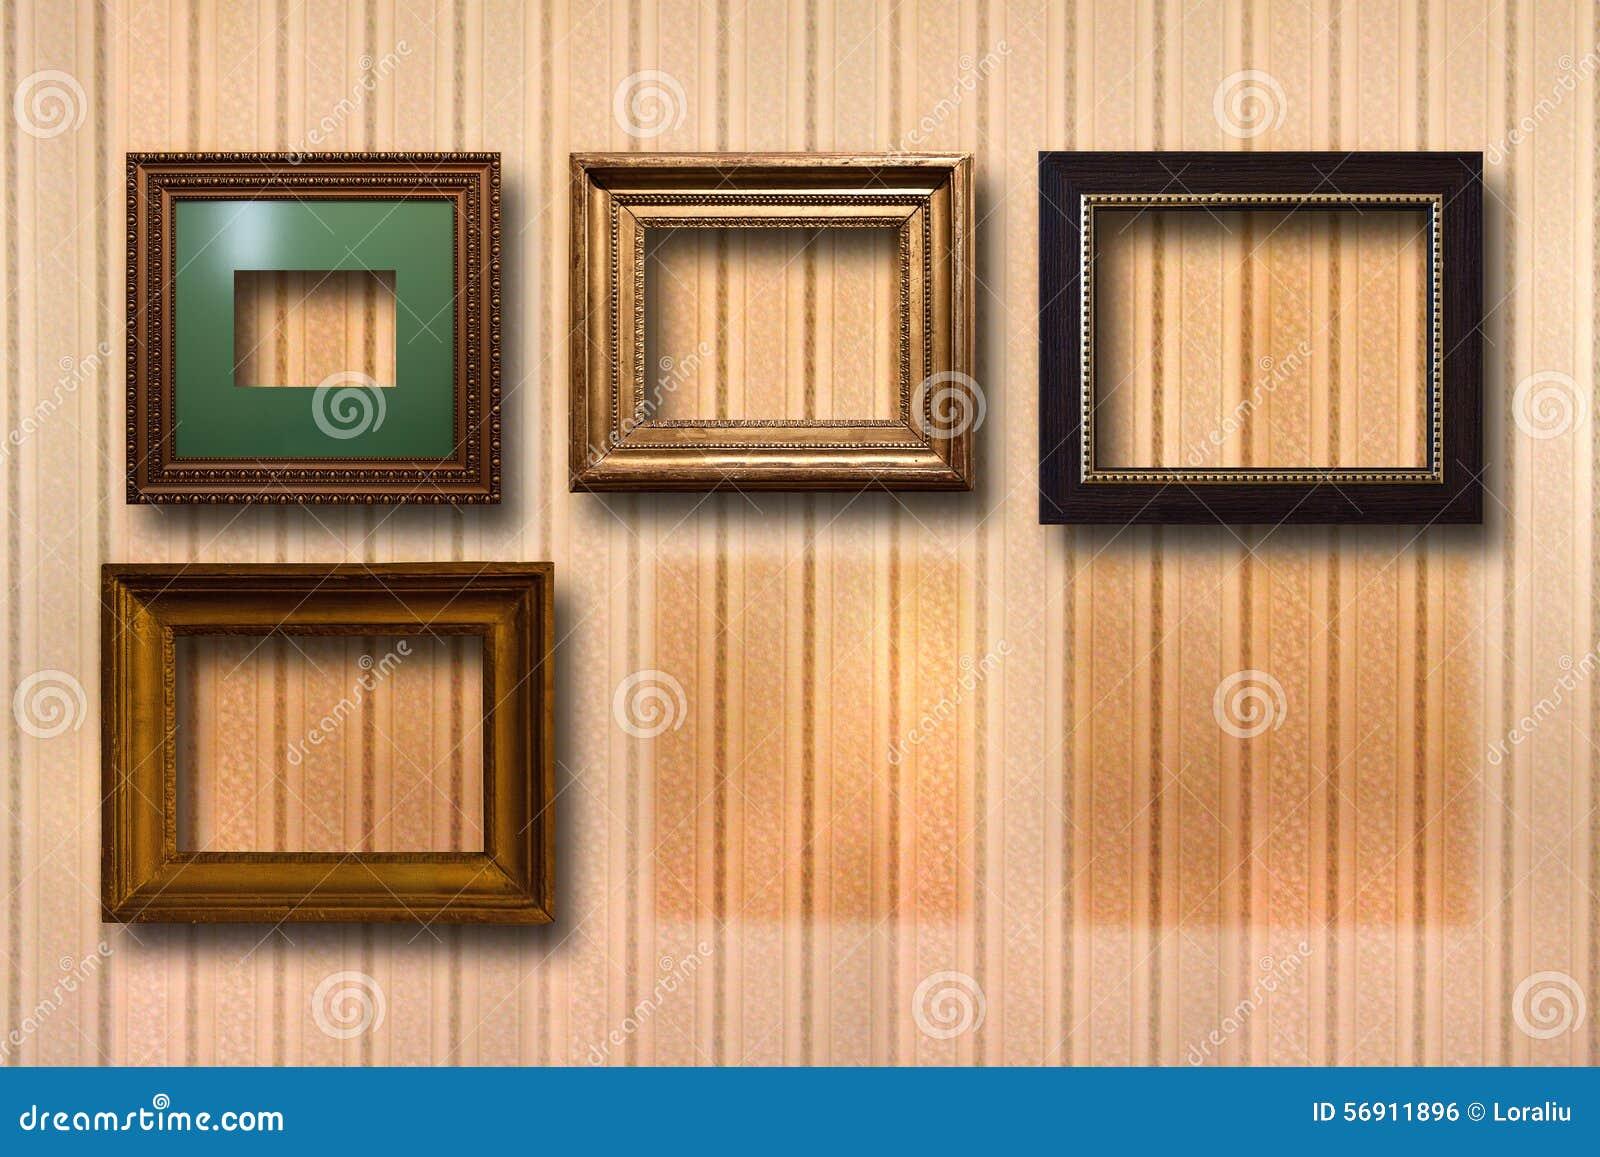 Επιχρυσωμένα ξύλινα πλαίσια για τις εικόνες στο υπόβαθρο